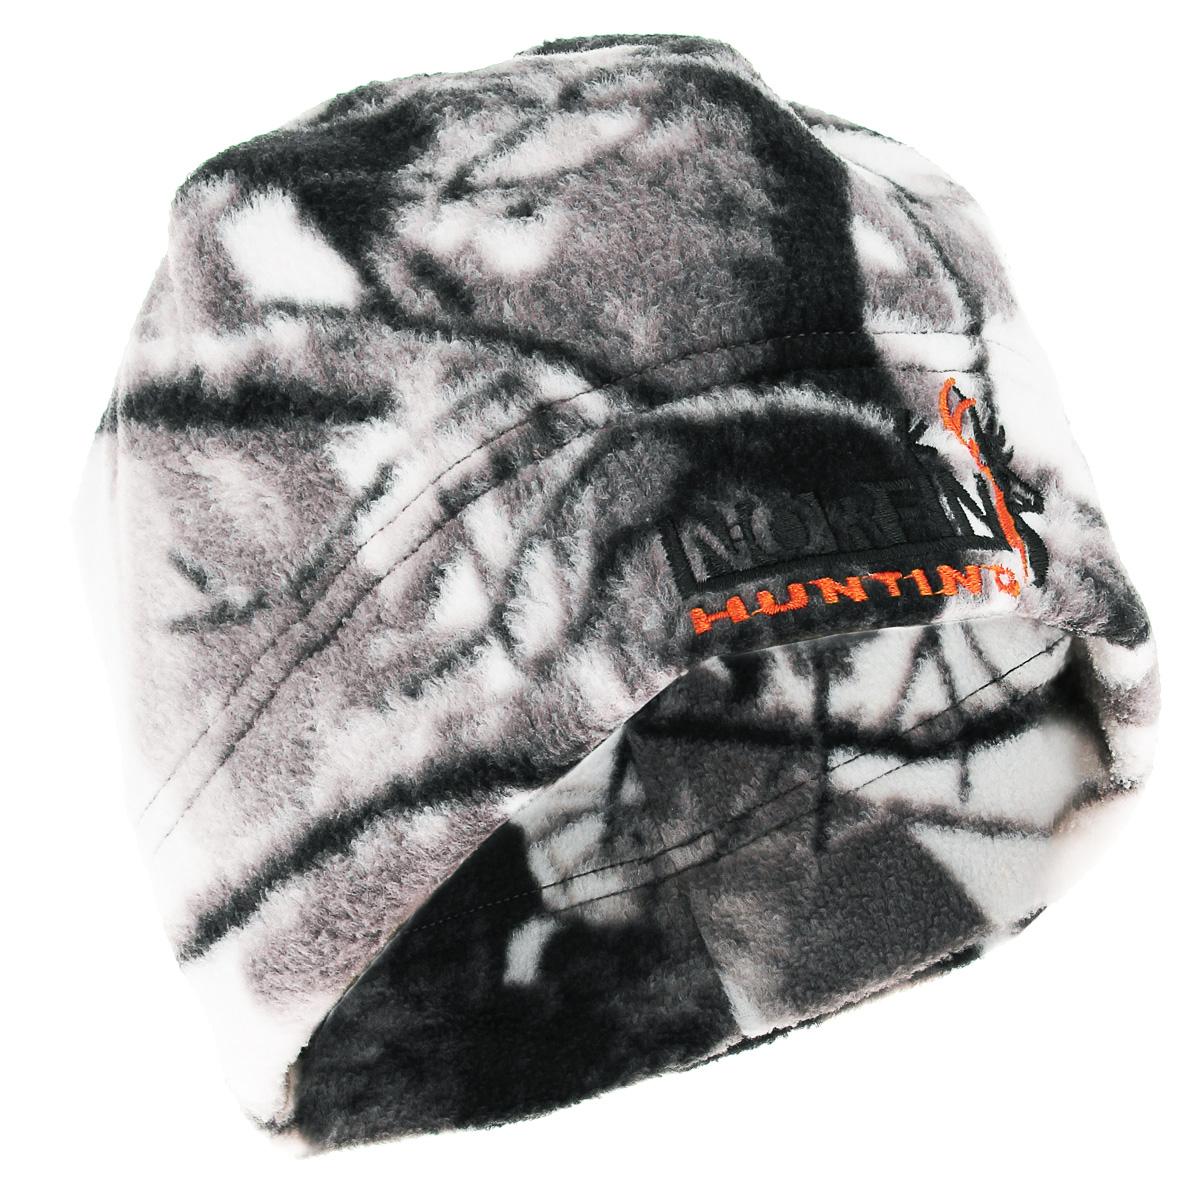 Шапка мужская Norfin, цвет: зимний лес. 751. Размер XL (60/61)751-WТеплая шапка Norfin - отличная модель для холодной погоды. Это стильная и износостойкая шапка выполнена из флиса и оформлена вышитым логотипом бренда.